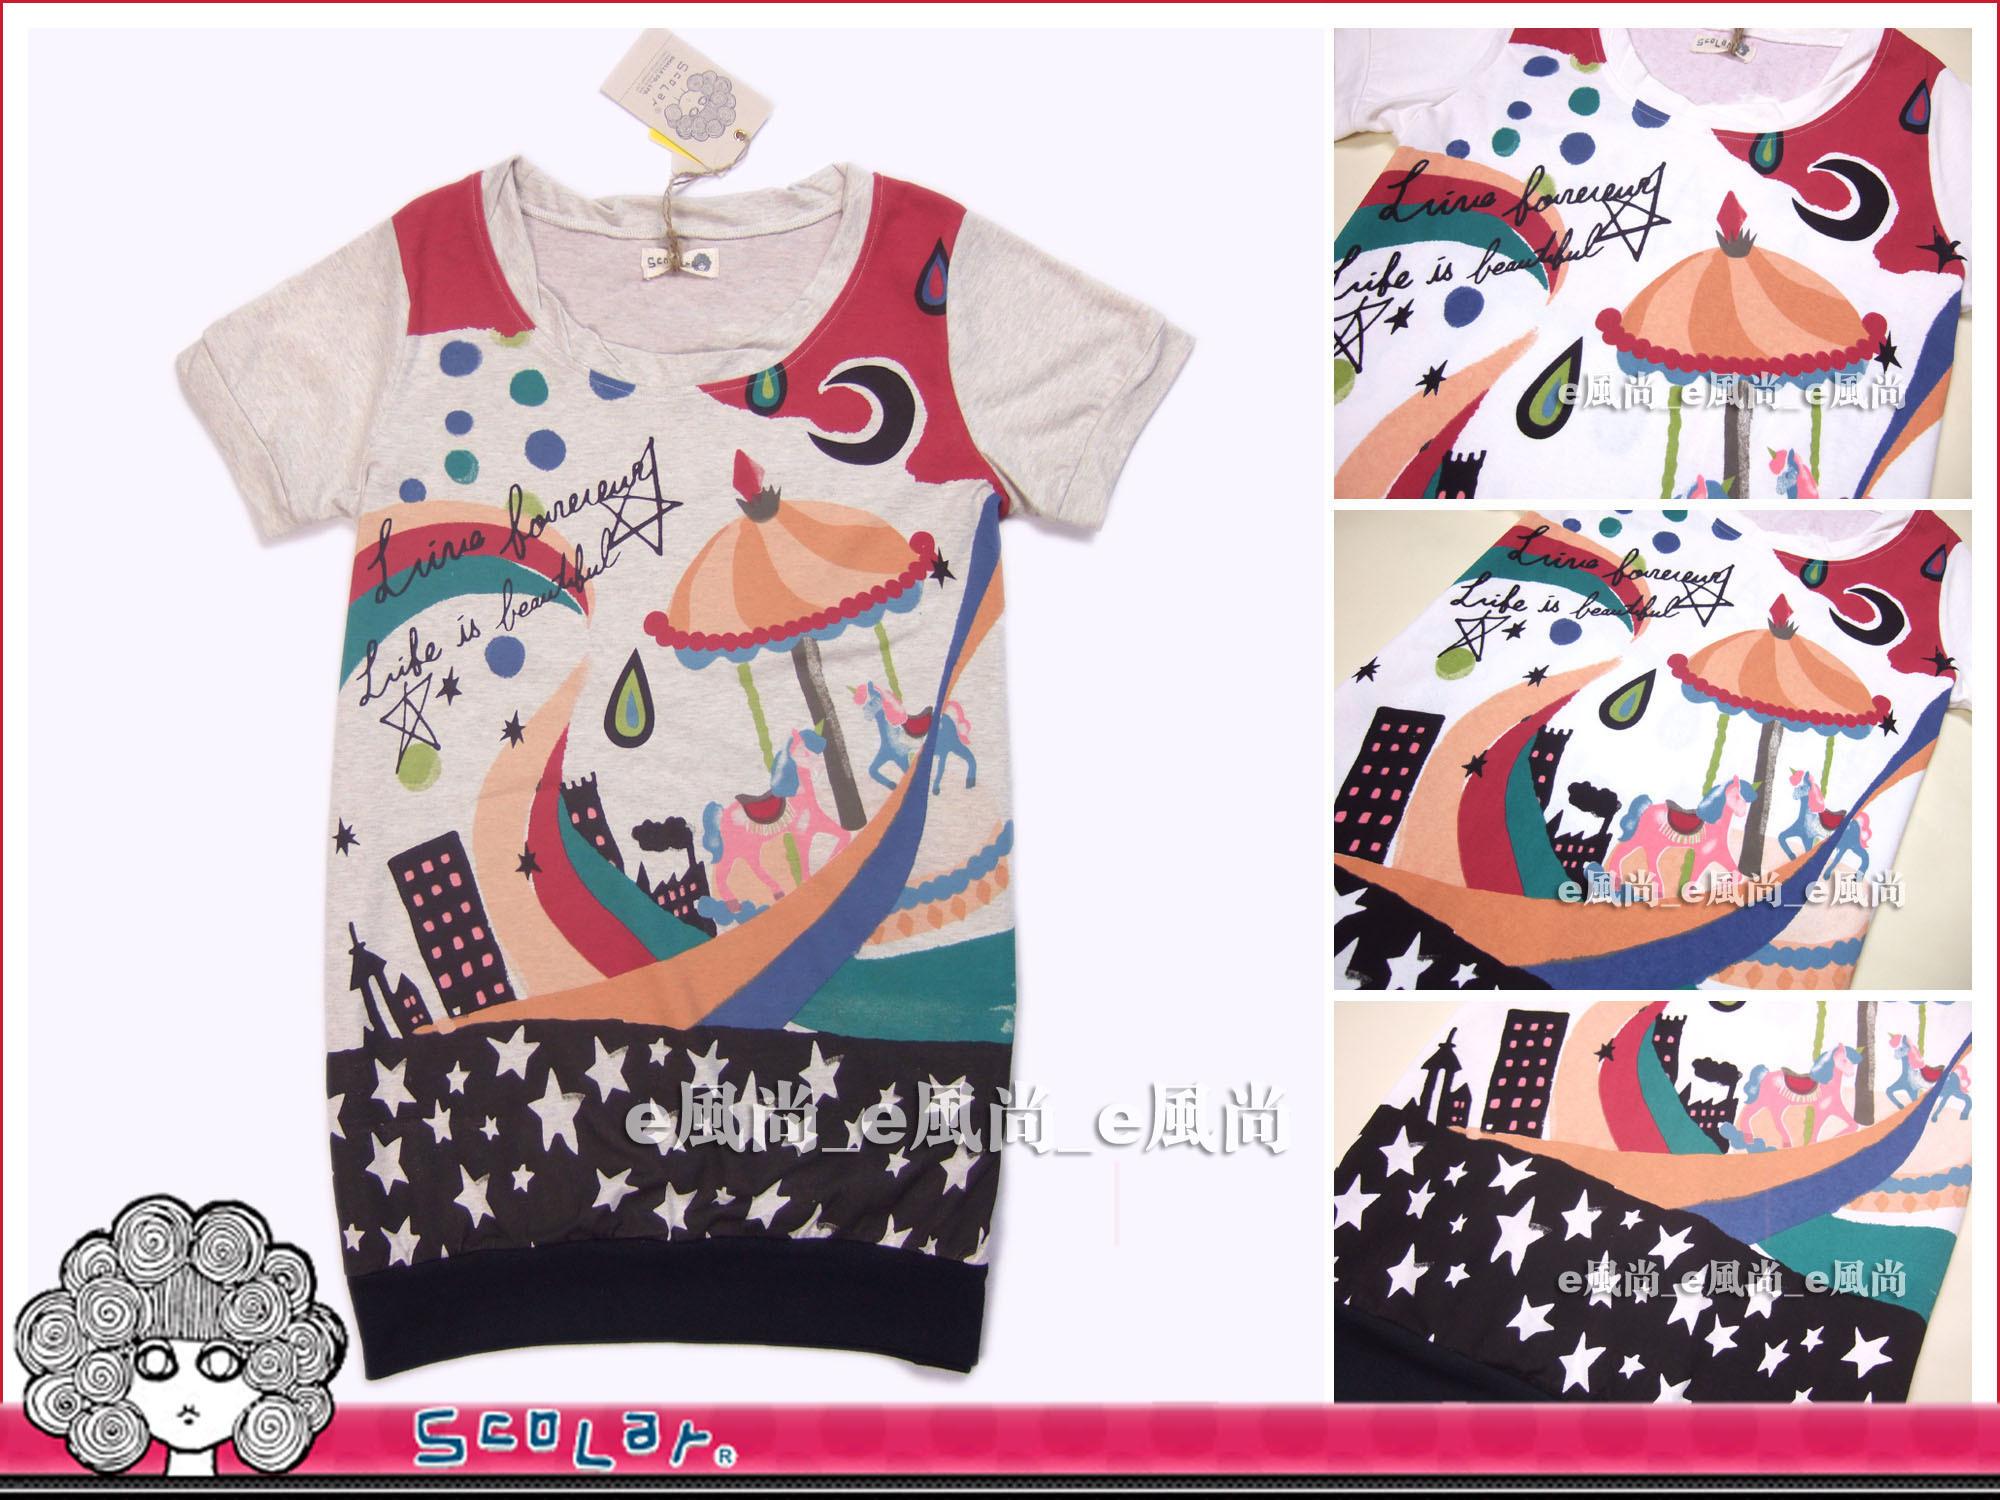 2018夏装女装日本scolar 旋转木马超可爱卡通米色短袖t恤时尚